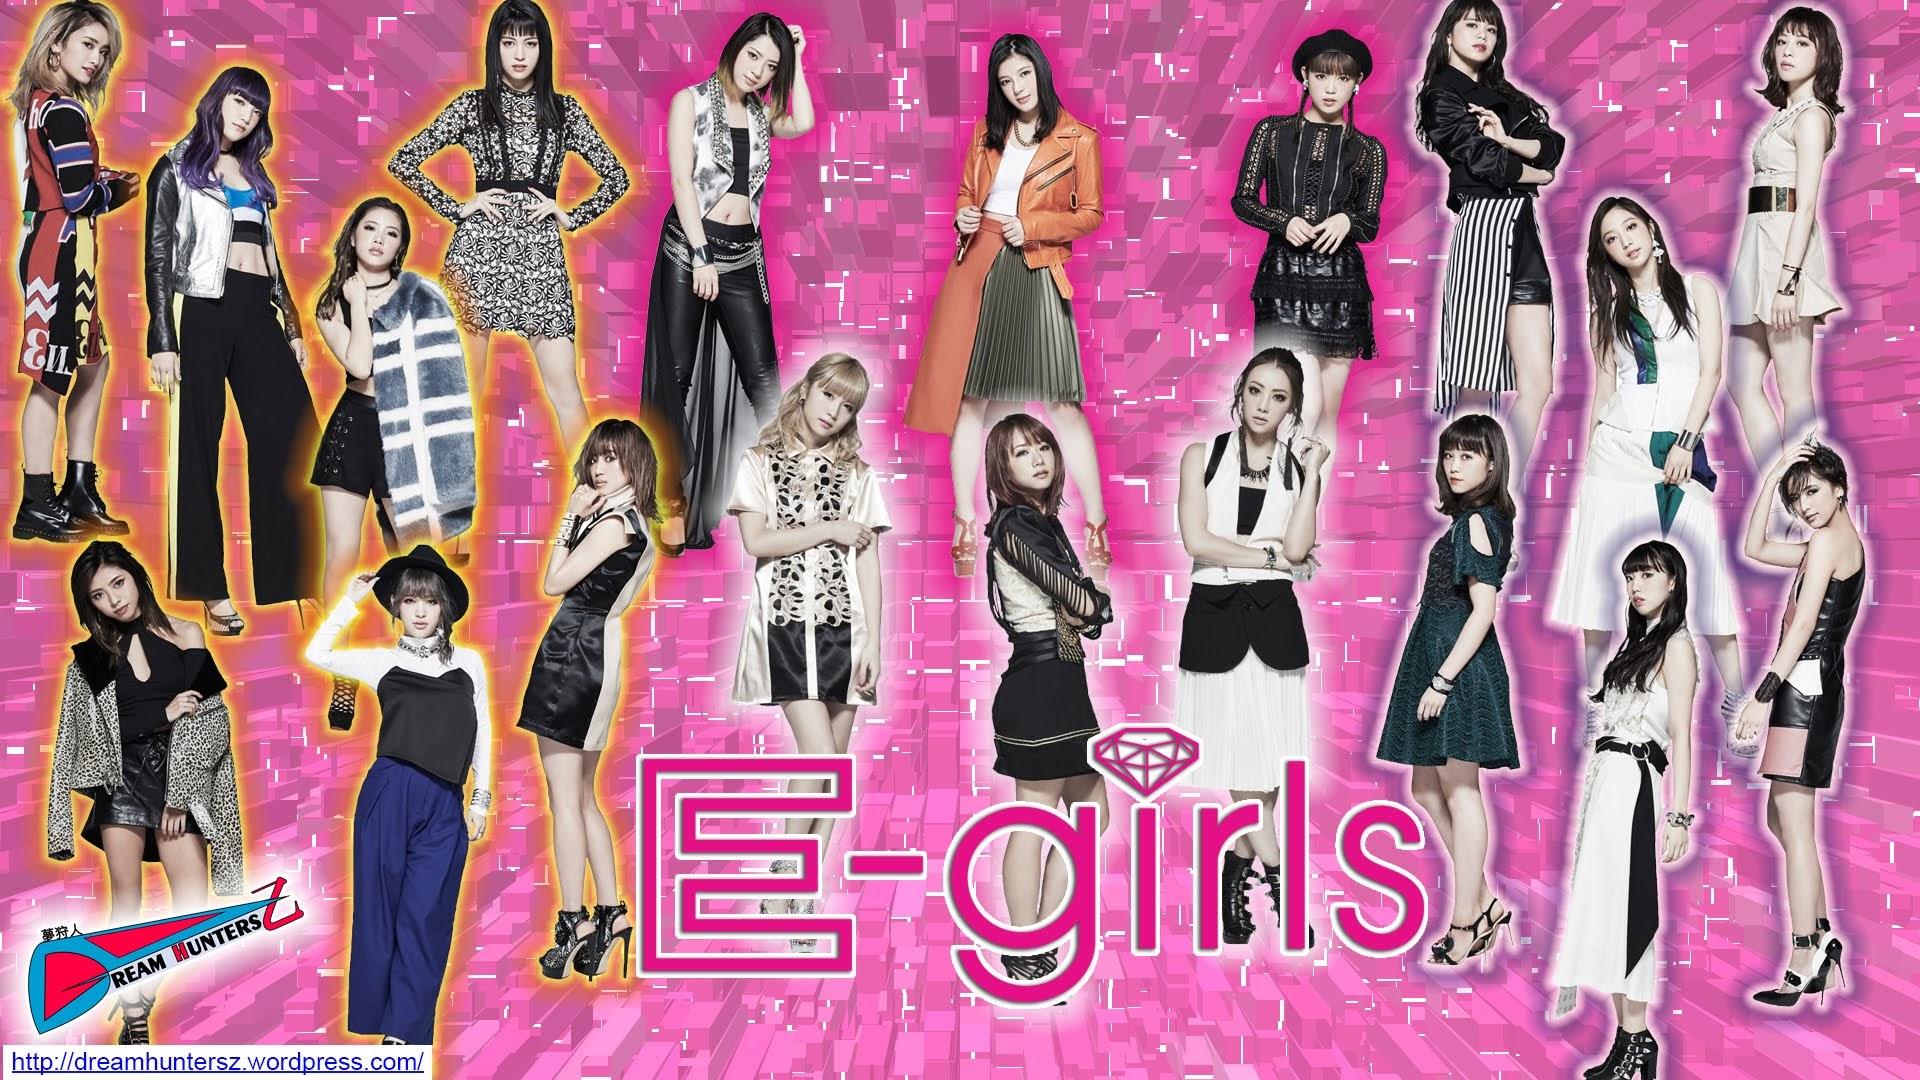 """E-girls - Montagem feita por mim, com fotos do álbum """"E.G. CRAZY""""."""